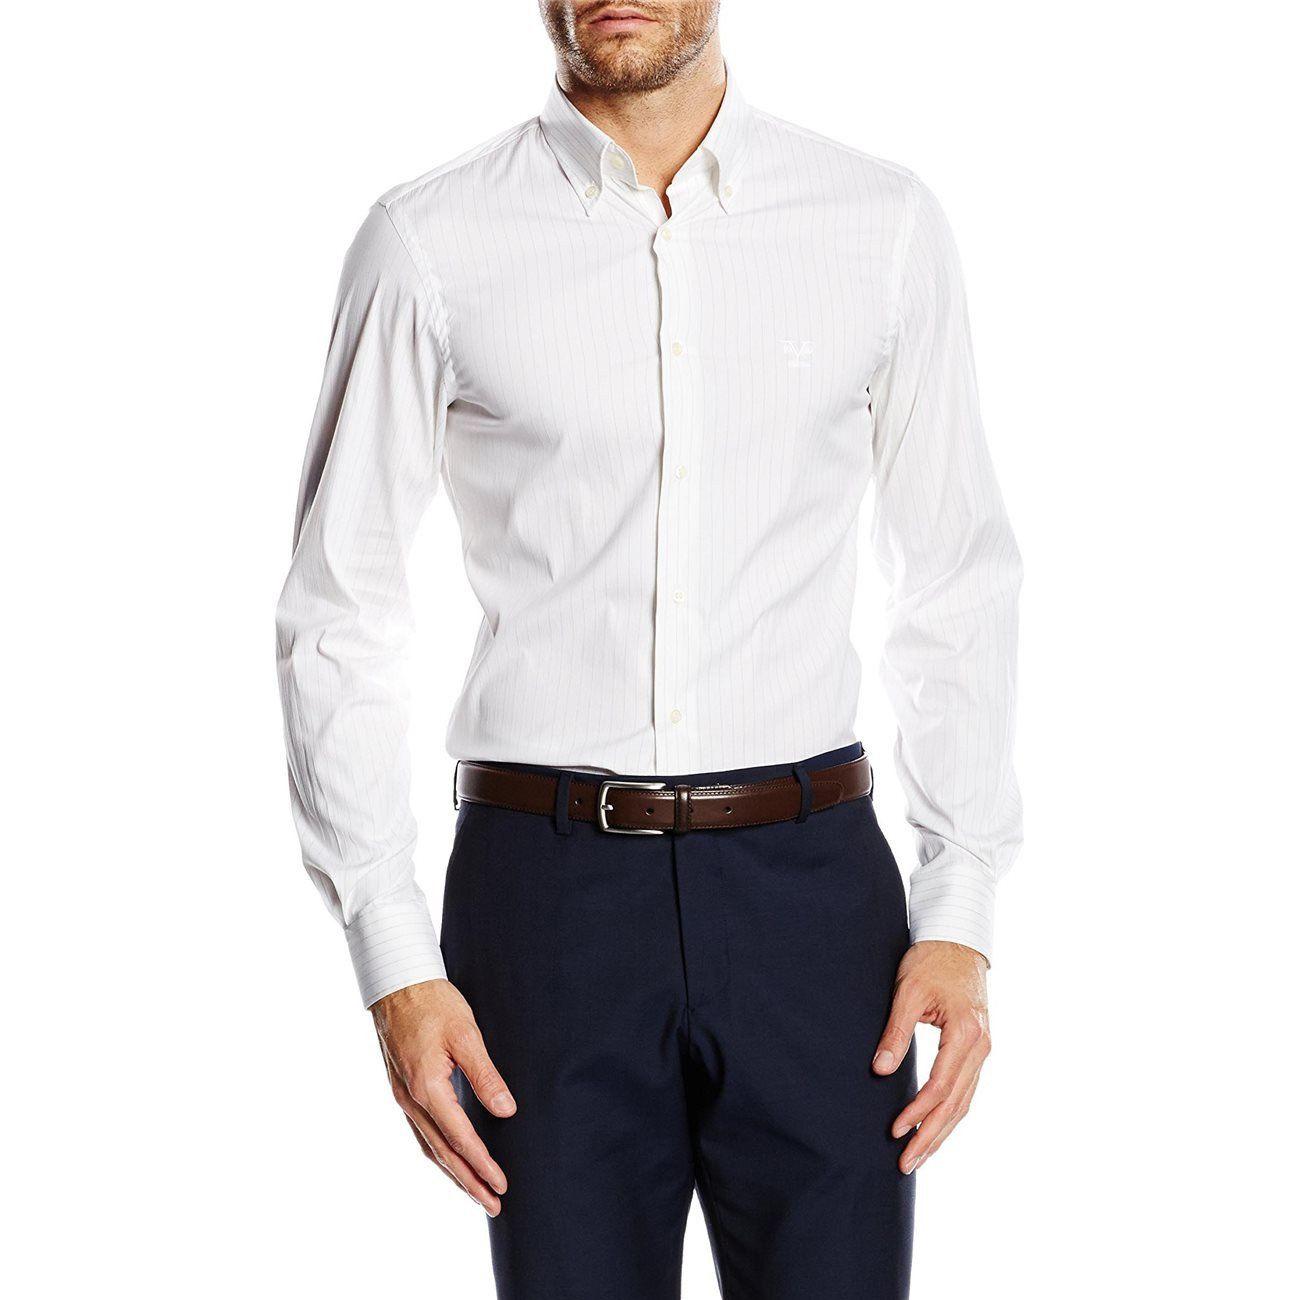 Versace 19.69 Abbigliamento Sportivo Srl Milano Italia Fit Slim Button Down Neck Shirt SBD01